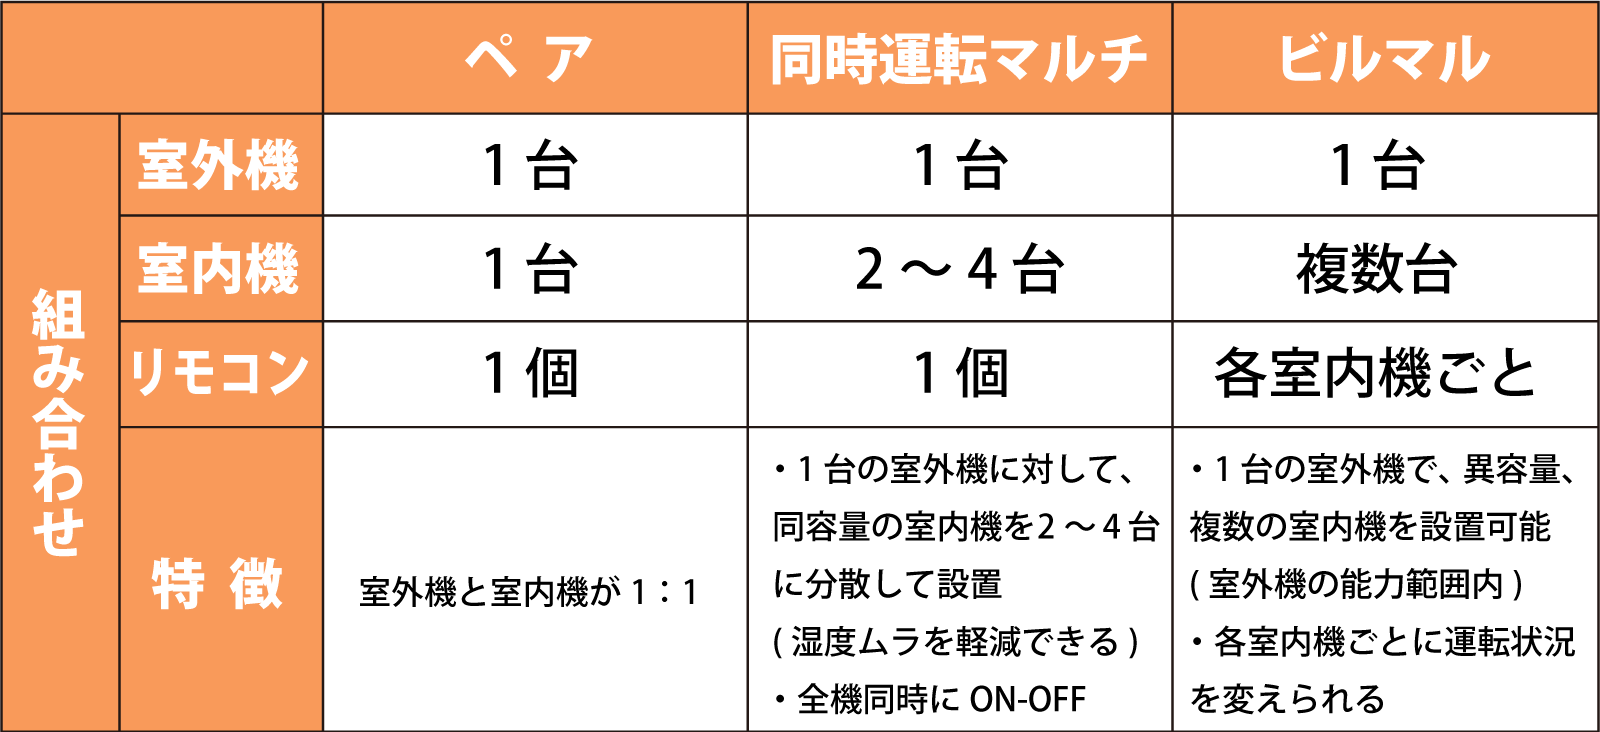 室内機と室外機の組み合わせ表